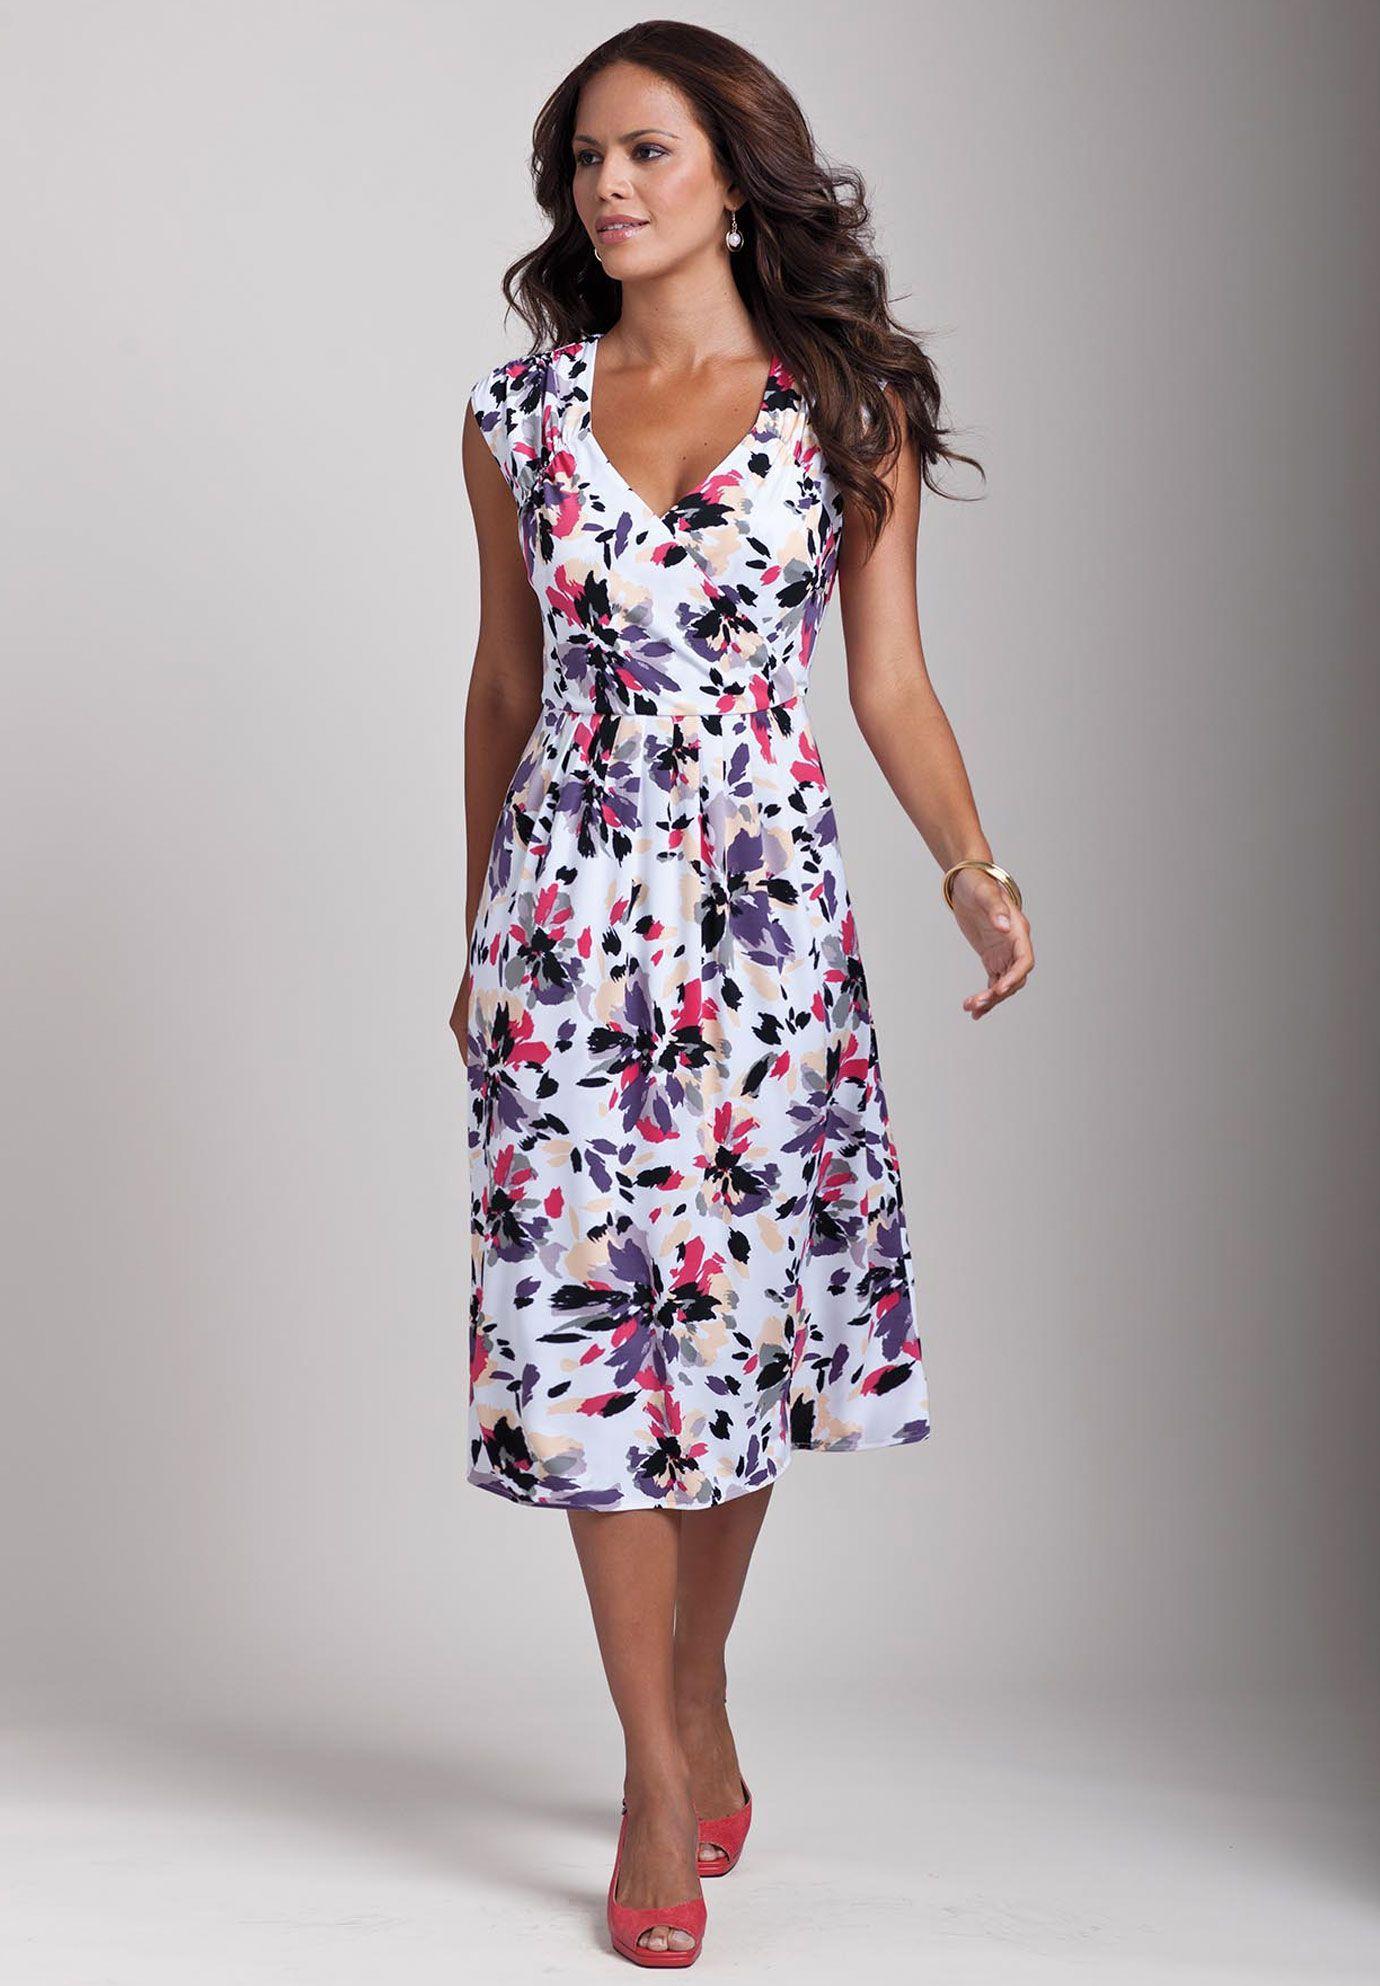 Plus Size Empire Waist Dress Plus Size Dresses Suits Roamans